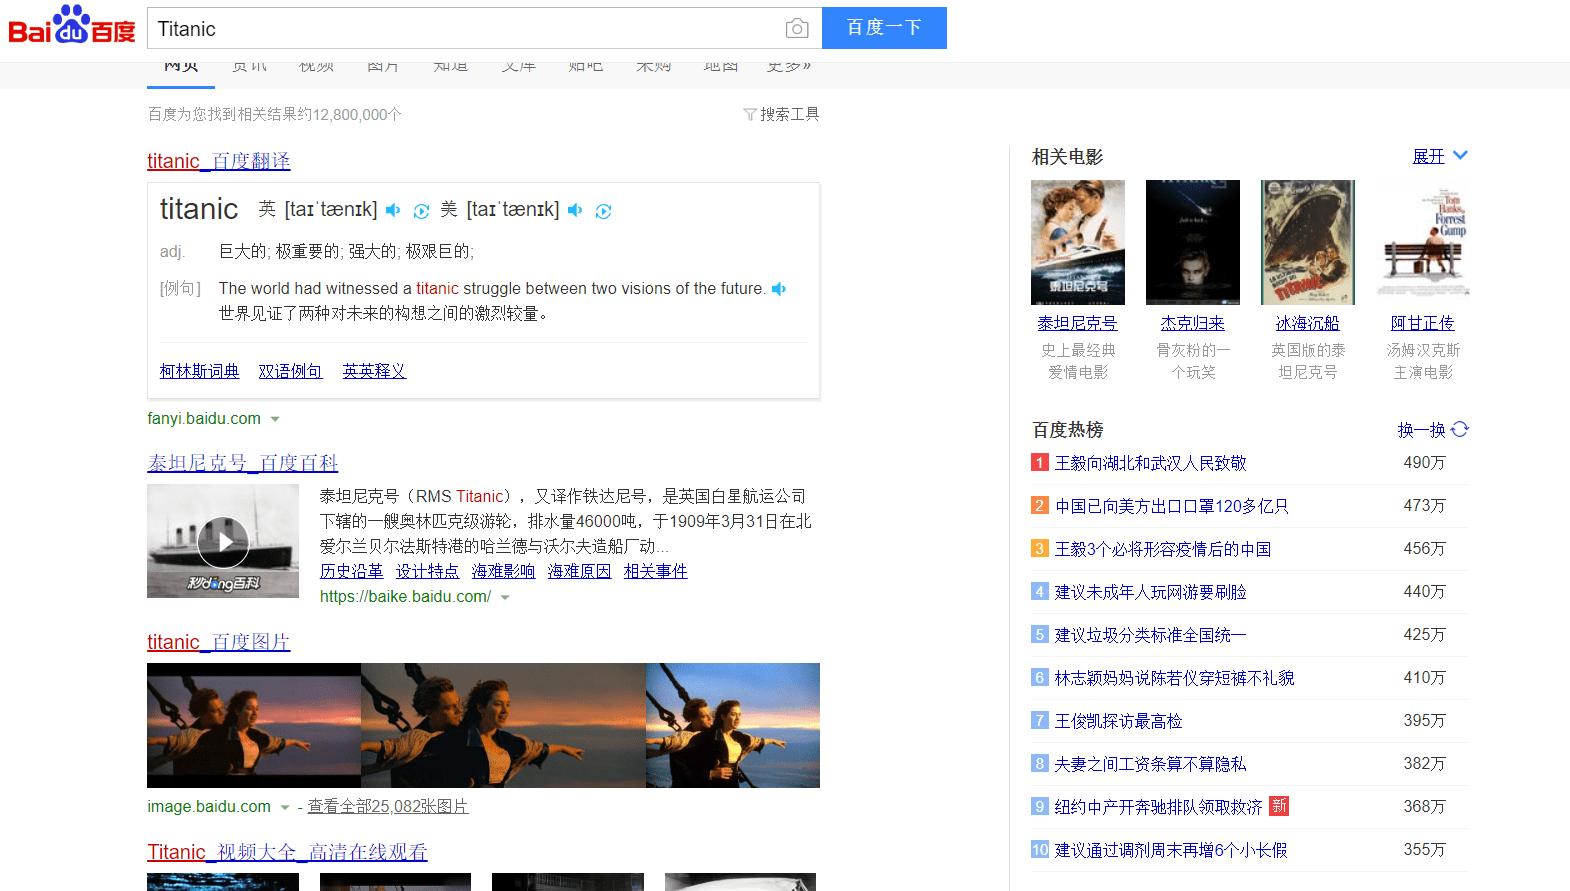 Пример страницы выдачи по слову «Titanic» в Baidu. Сбоку – ссылки на самые популярные новости на портале и ссылки на другие фильмы